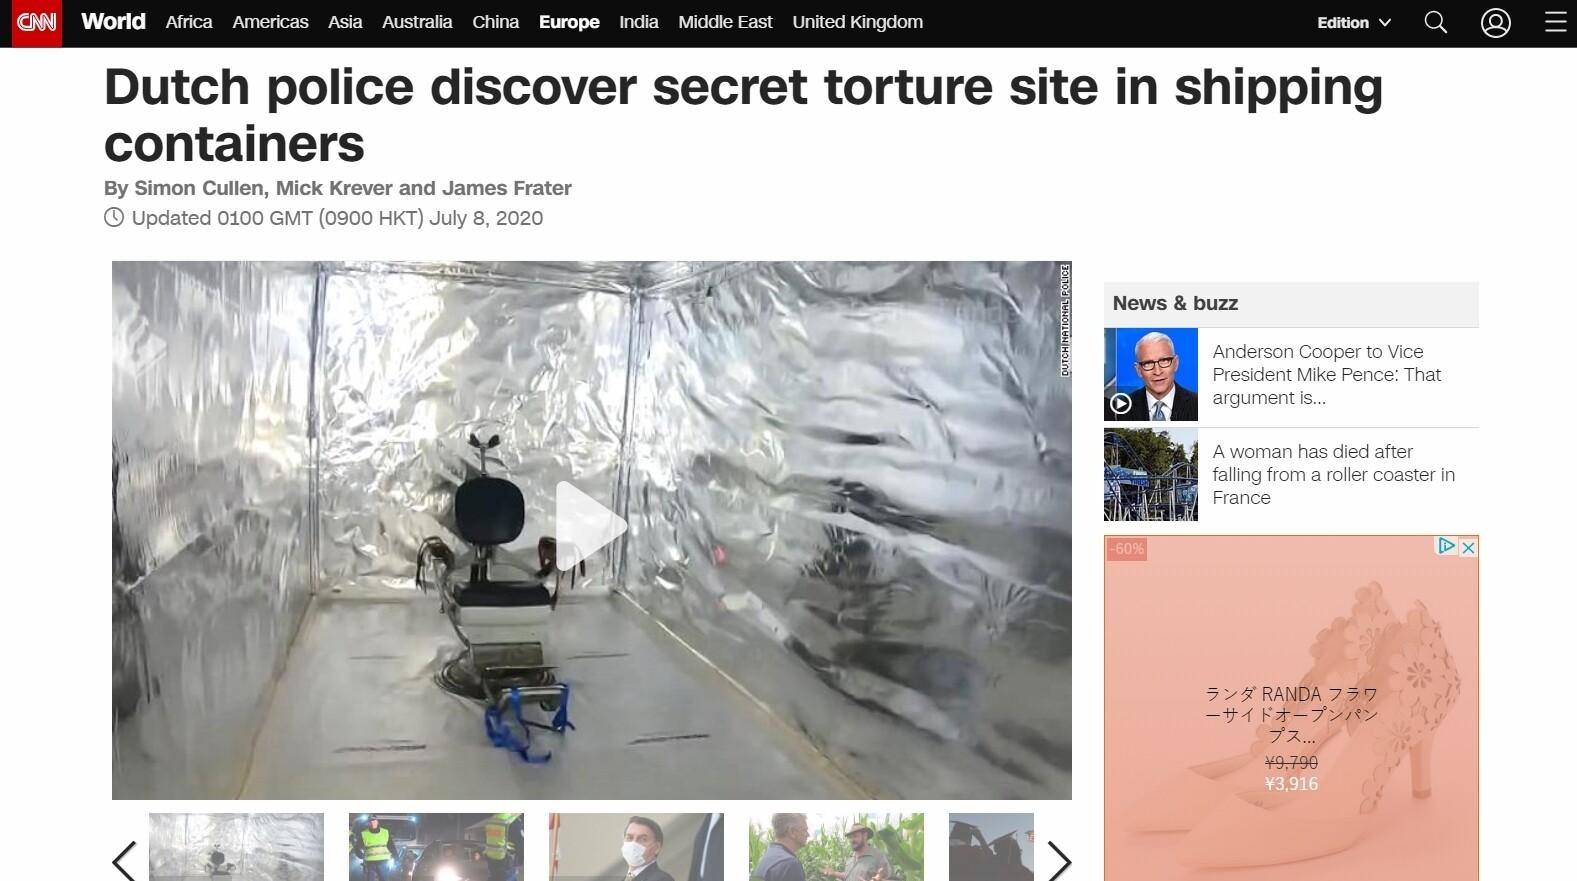 オランダ 拷問 コンテナに関連した画像-02